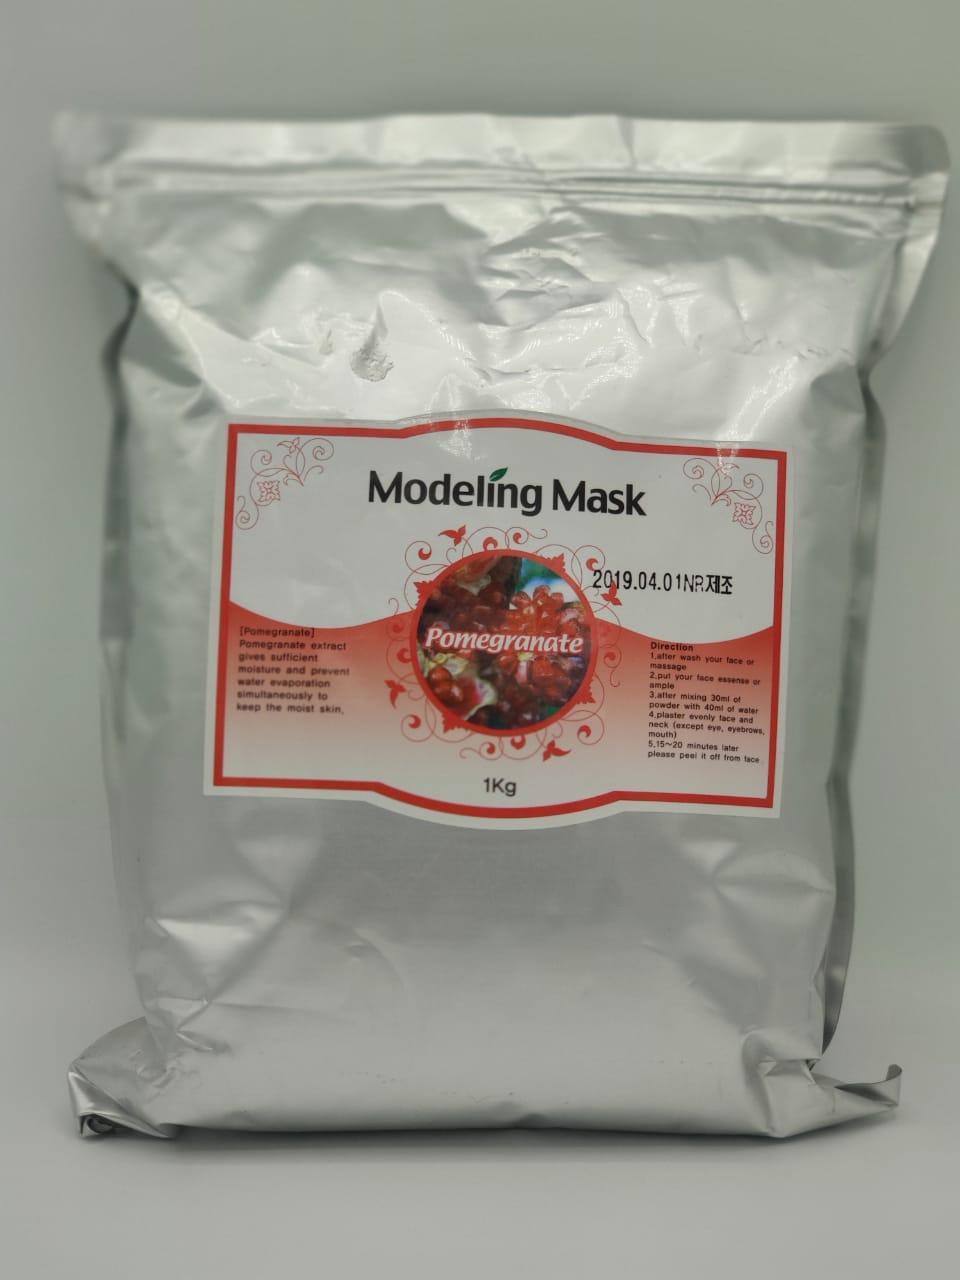 Альгинатная маска с гранатом (EMERALD POMEGRANATE MODELING MASK) 1кг